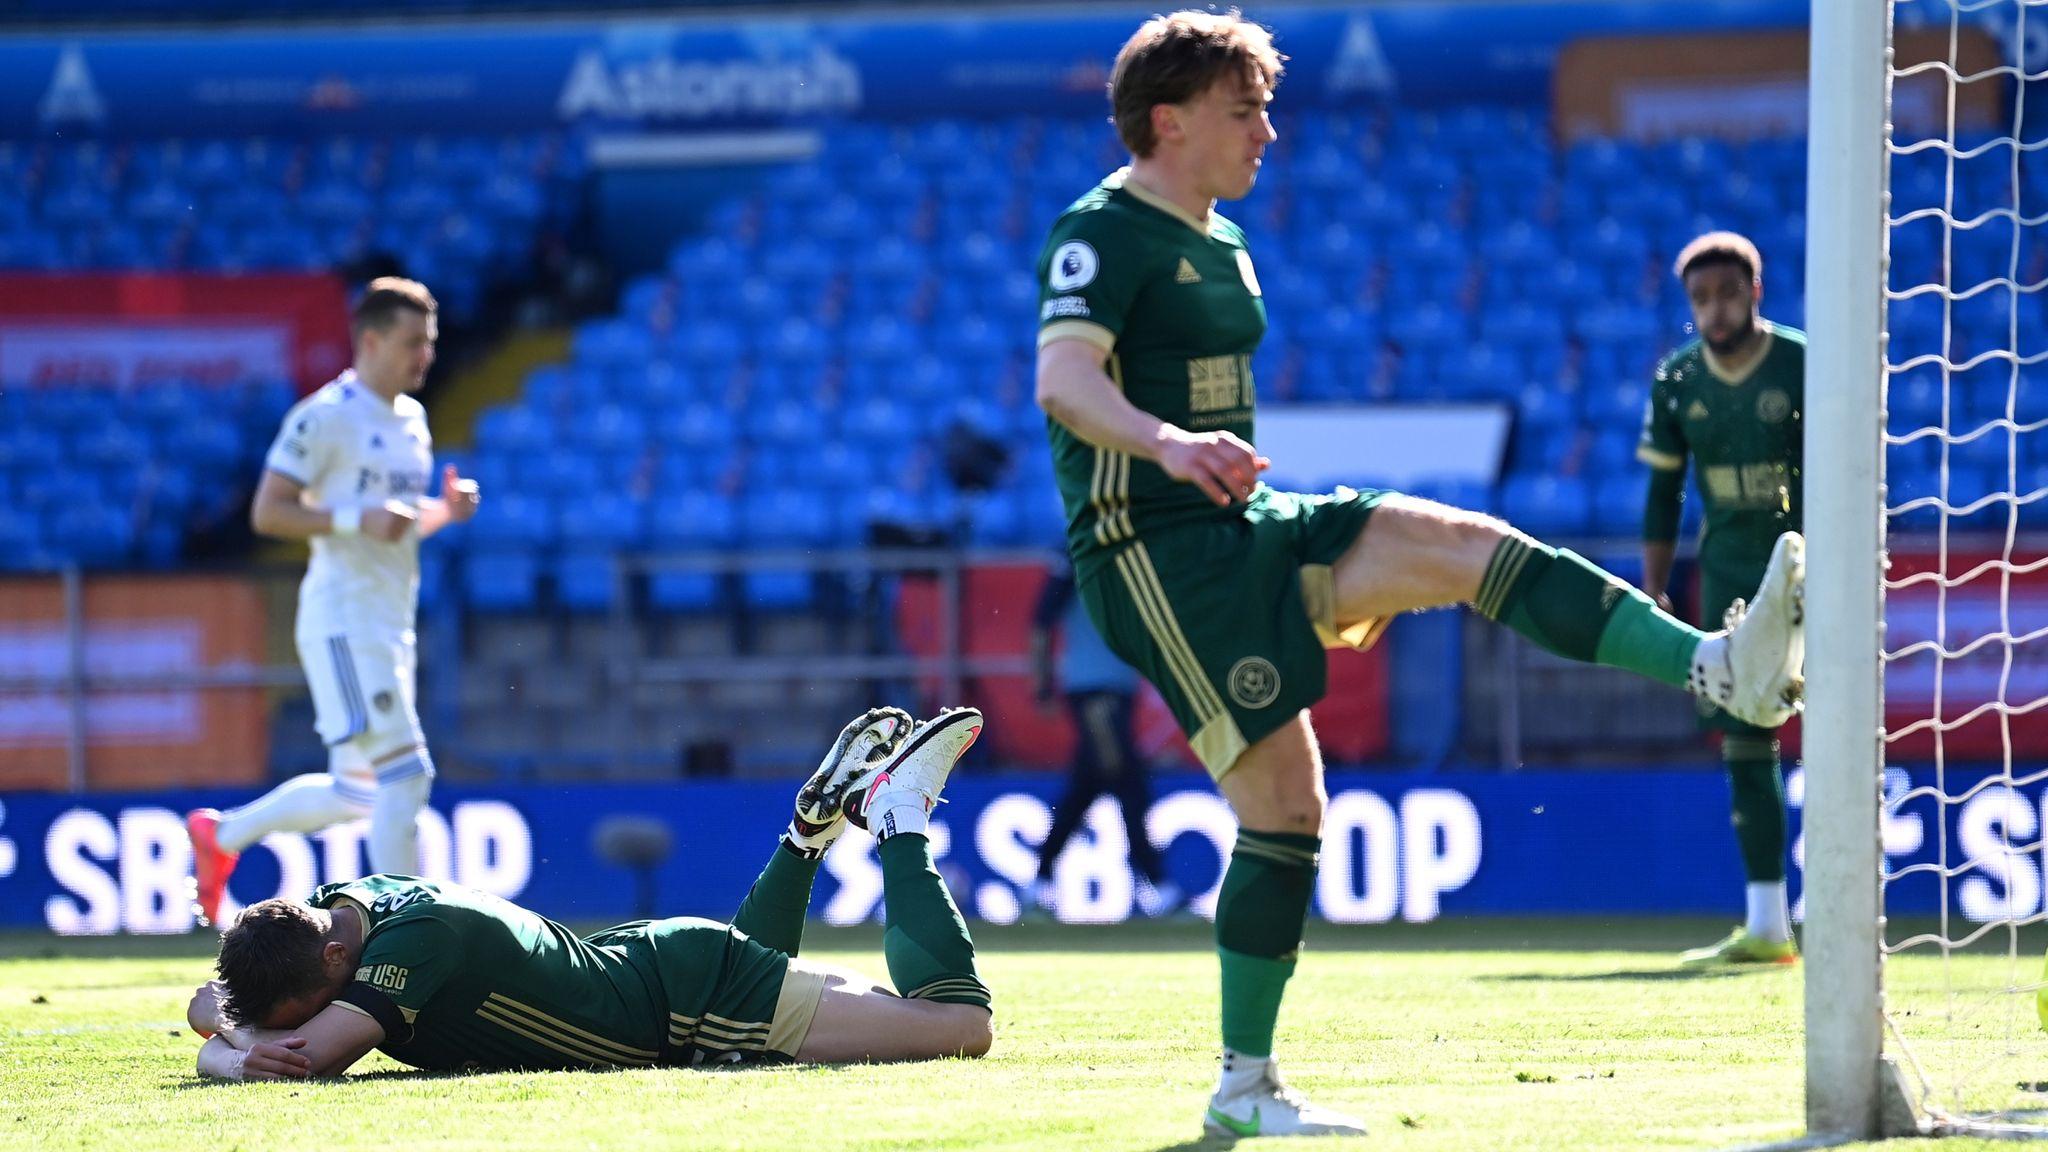 Leeds 2 - 1 Sheff Utd - Match Report & Highlights